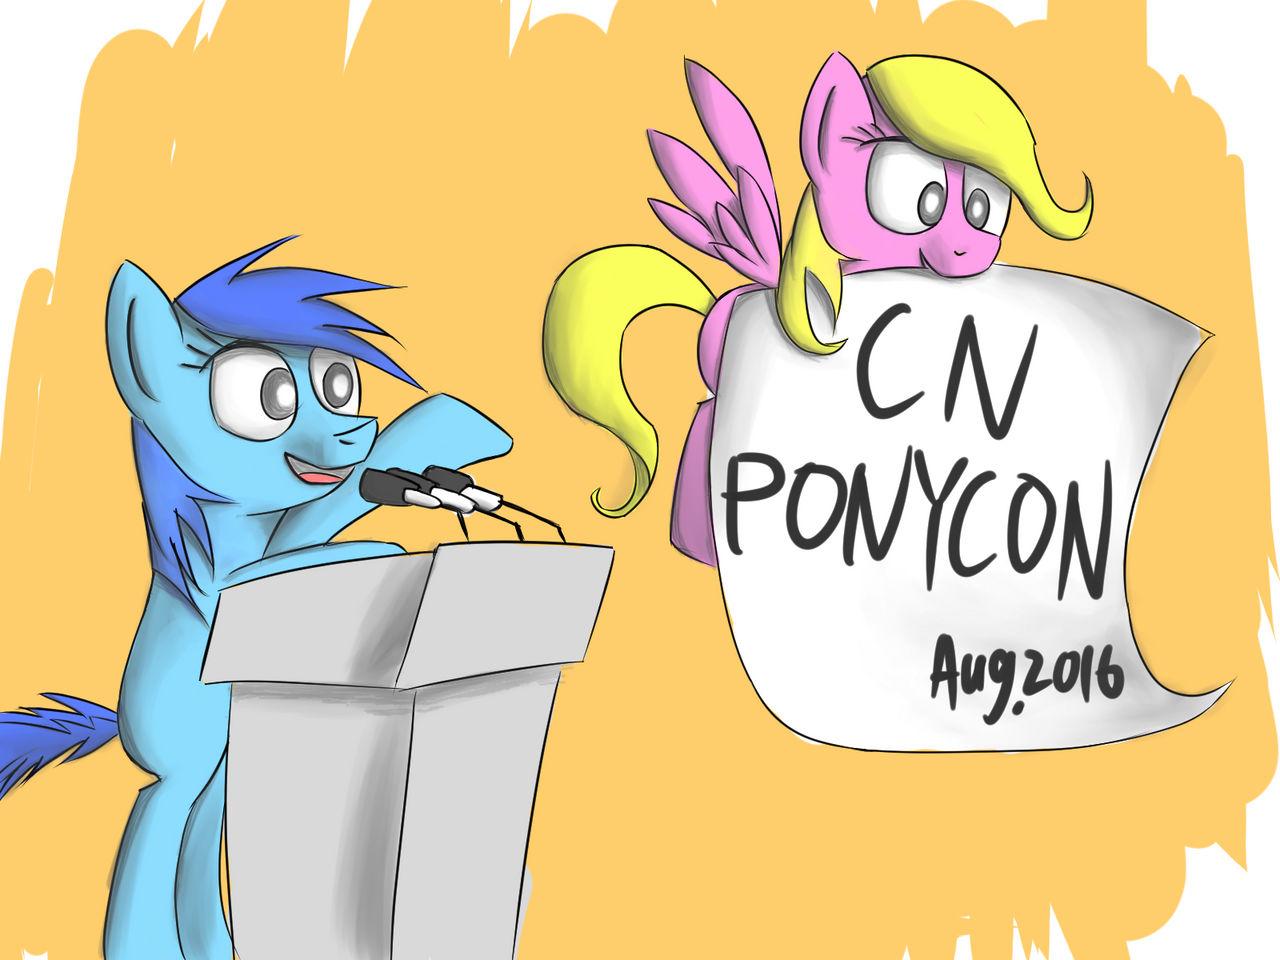 CNPonyCon!(color)